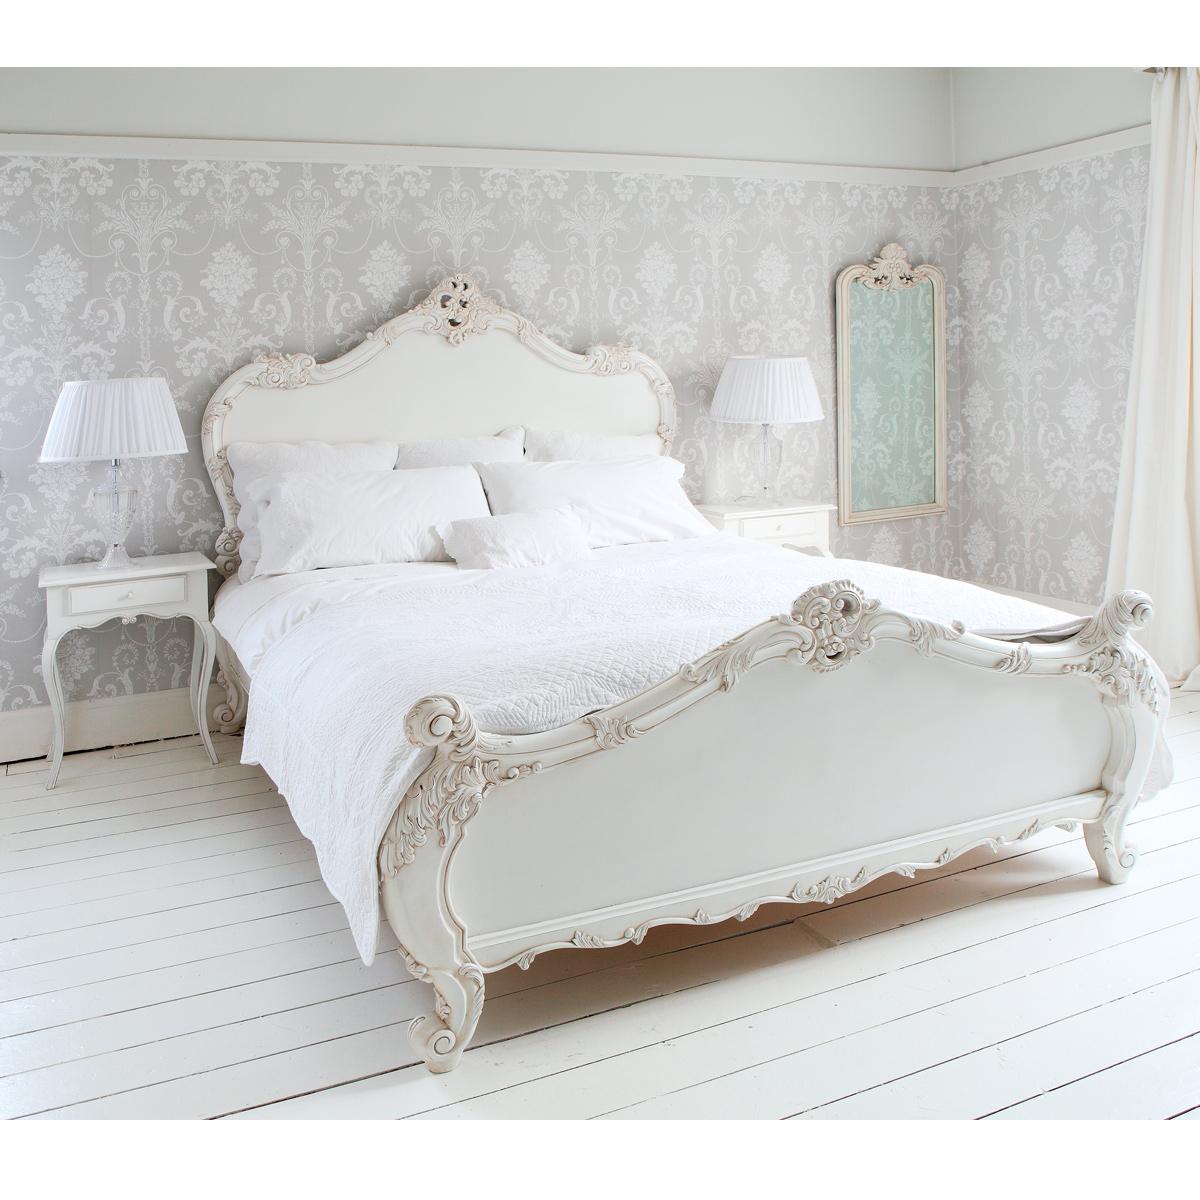 غرفة نوم رومانسية 2 غرفة نوم رومانسية 2